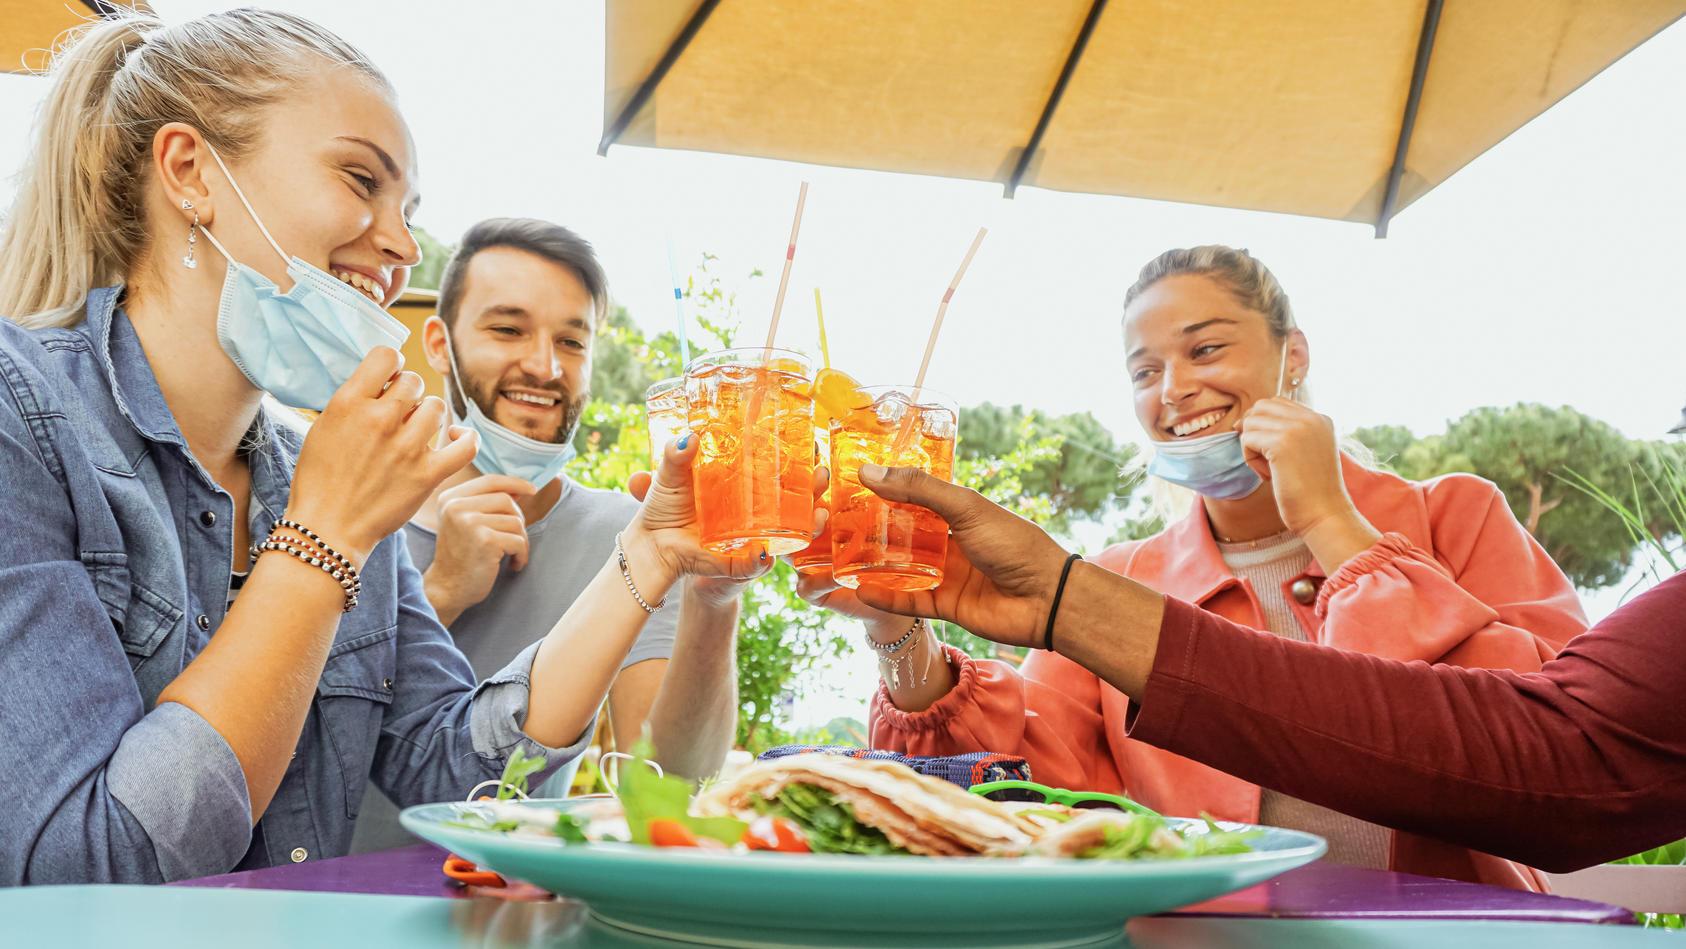 Ob noch mit Maske oder schon ohne: Im Sommer wollen wir wieder unbeschwert feiern können. Ist die Herdenimmunität bis dahin erreicht?